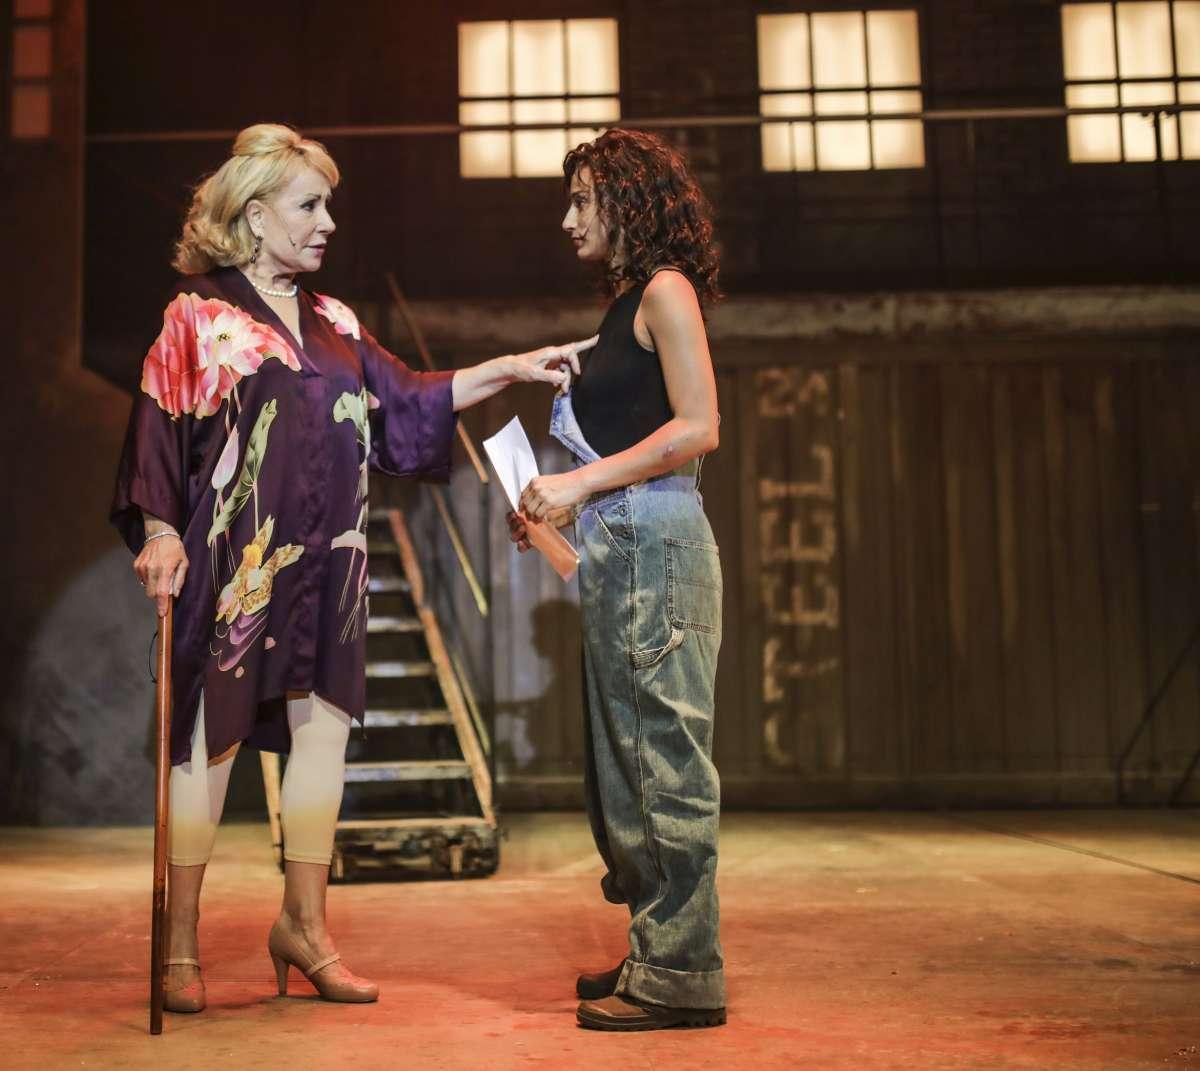 המחזמר פלאשדאנס: ריקי גל בתפקיד המורה המיתולוגית/ צילום אור דנון